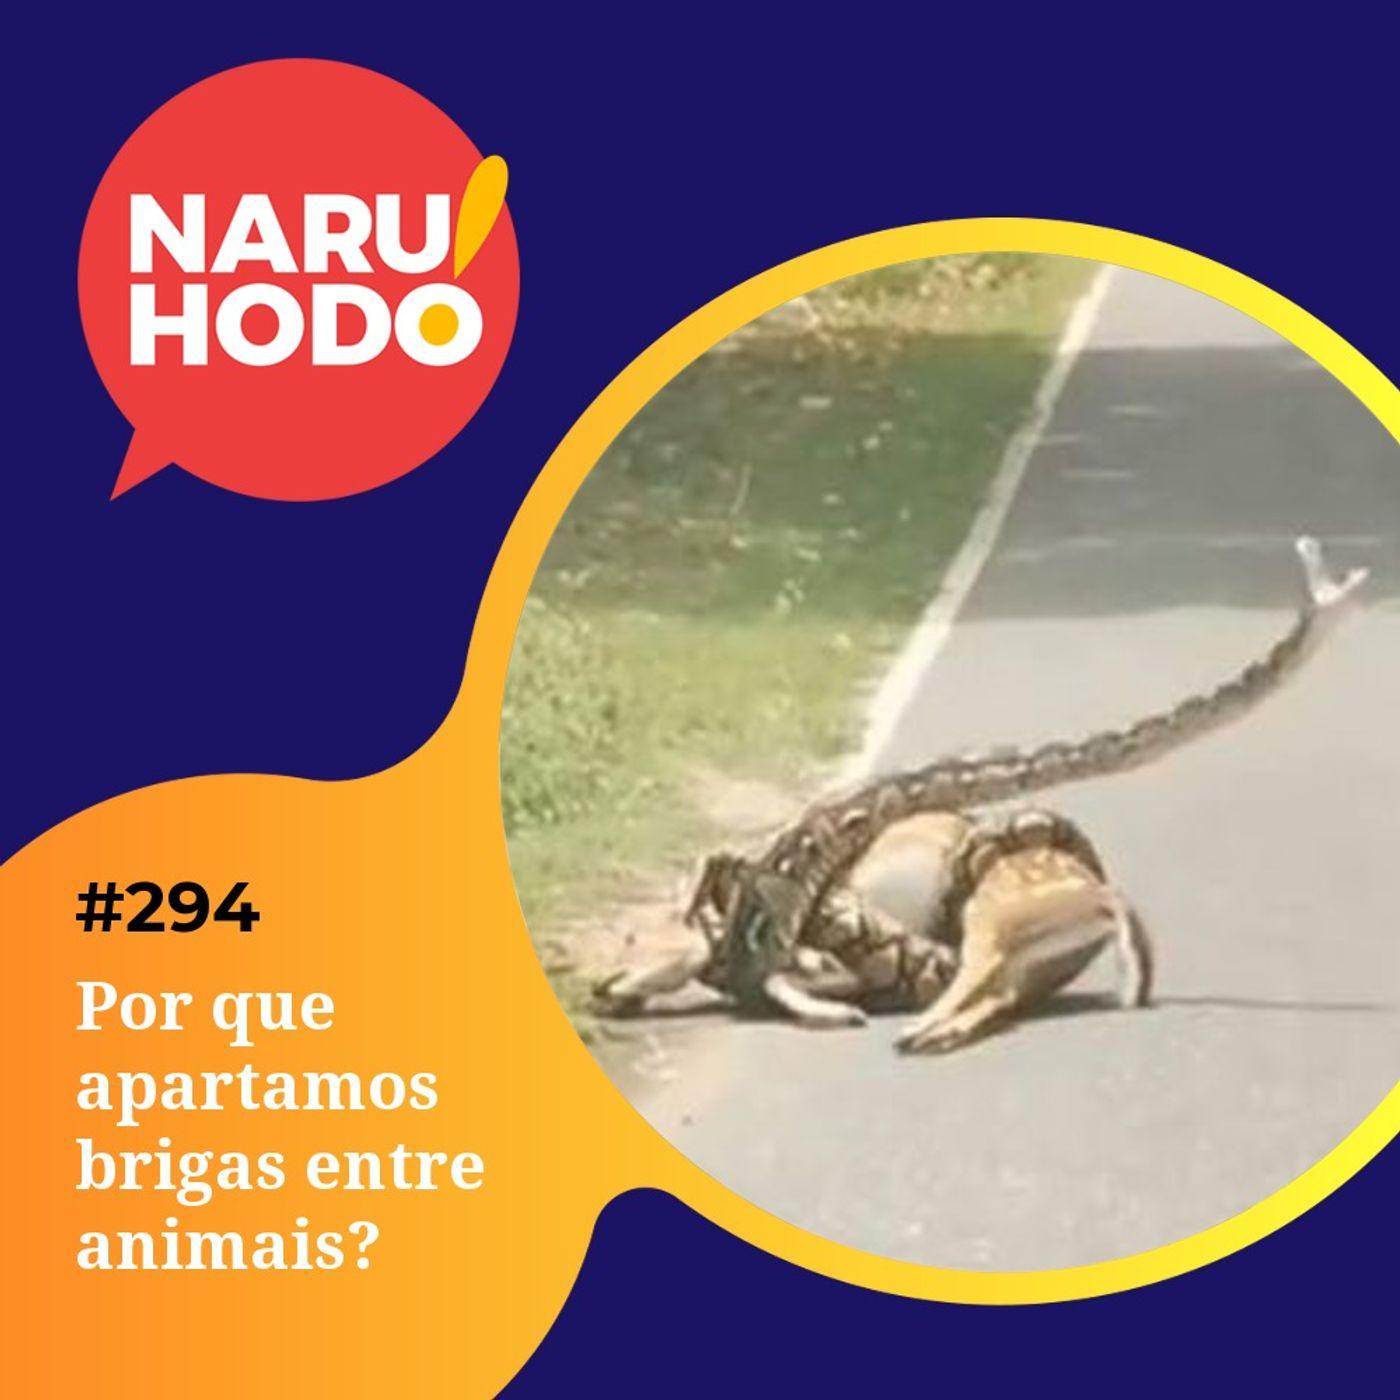 Naruhodo #294 - Por que apartamos brigas entre animais?